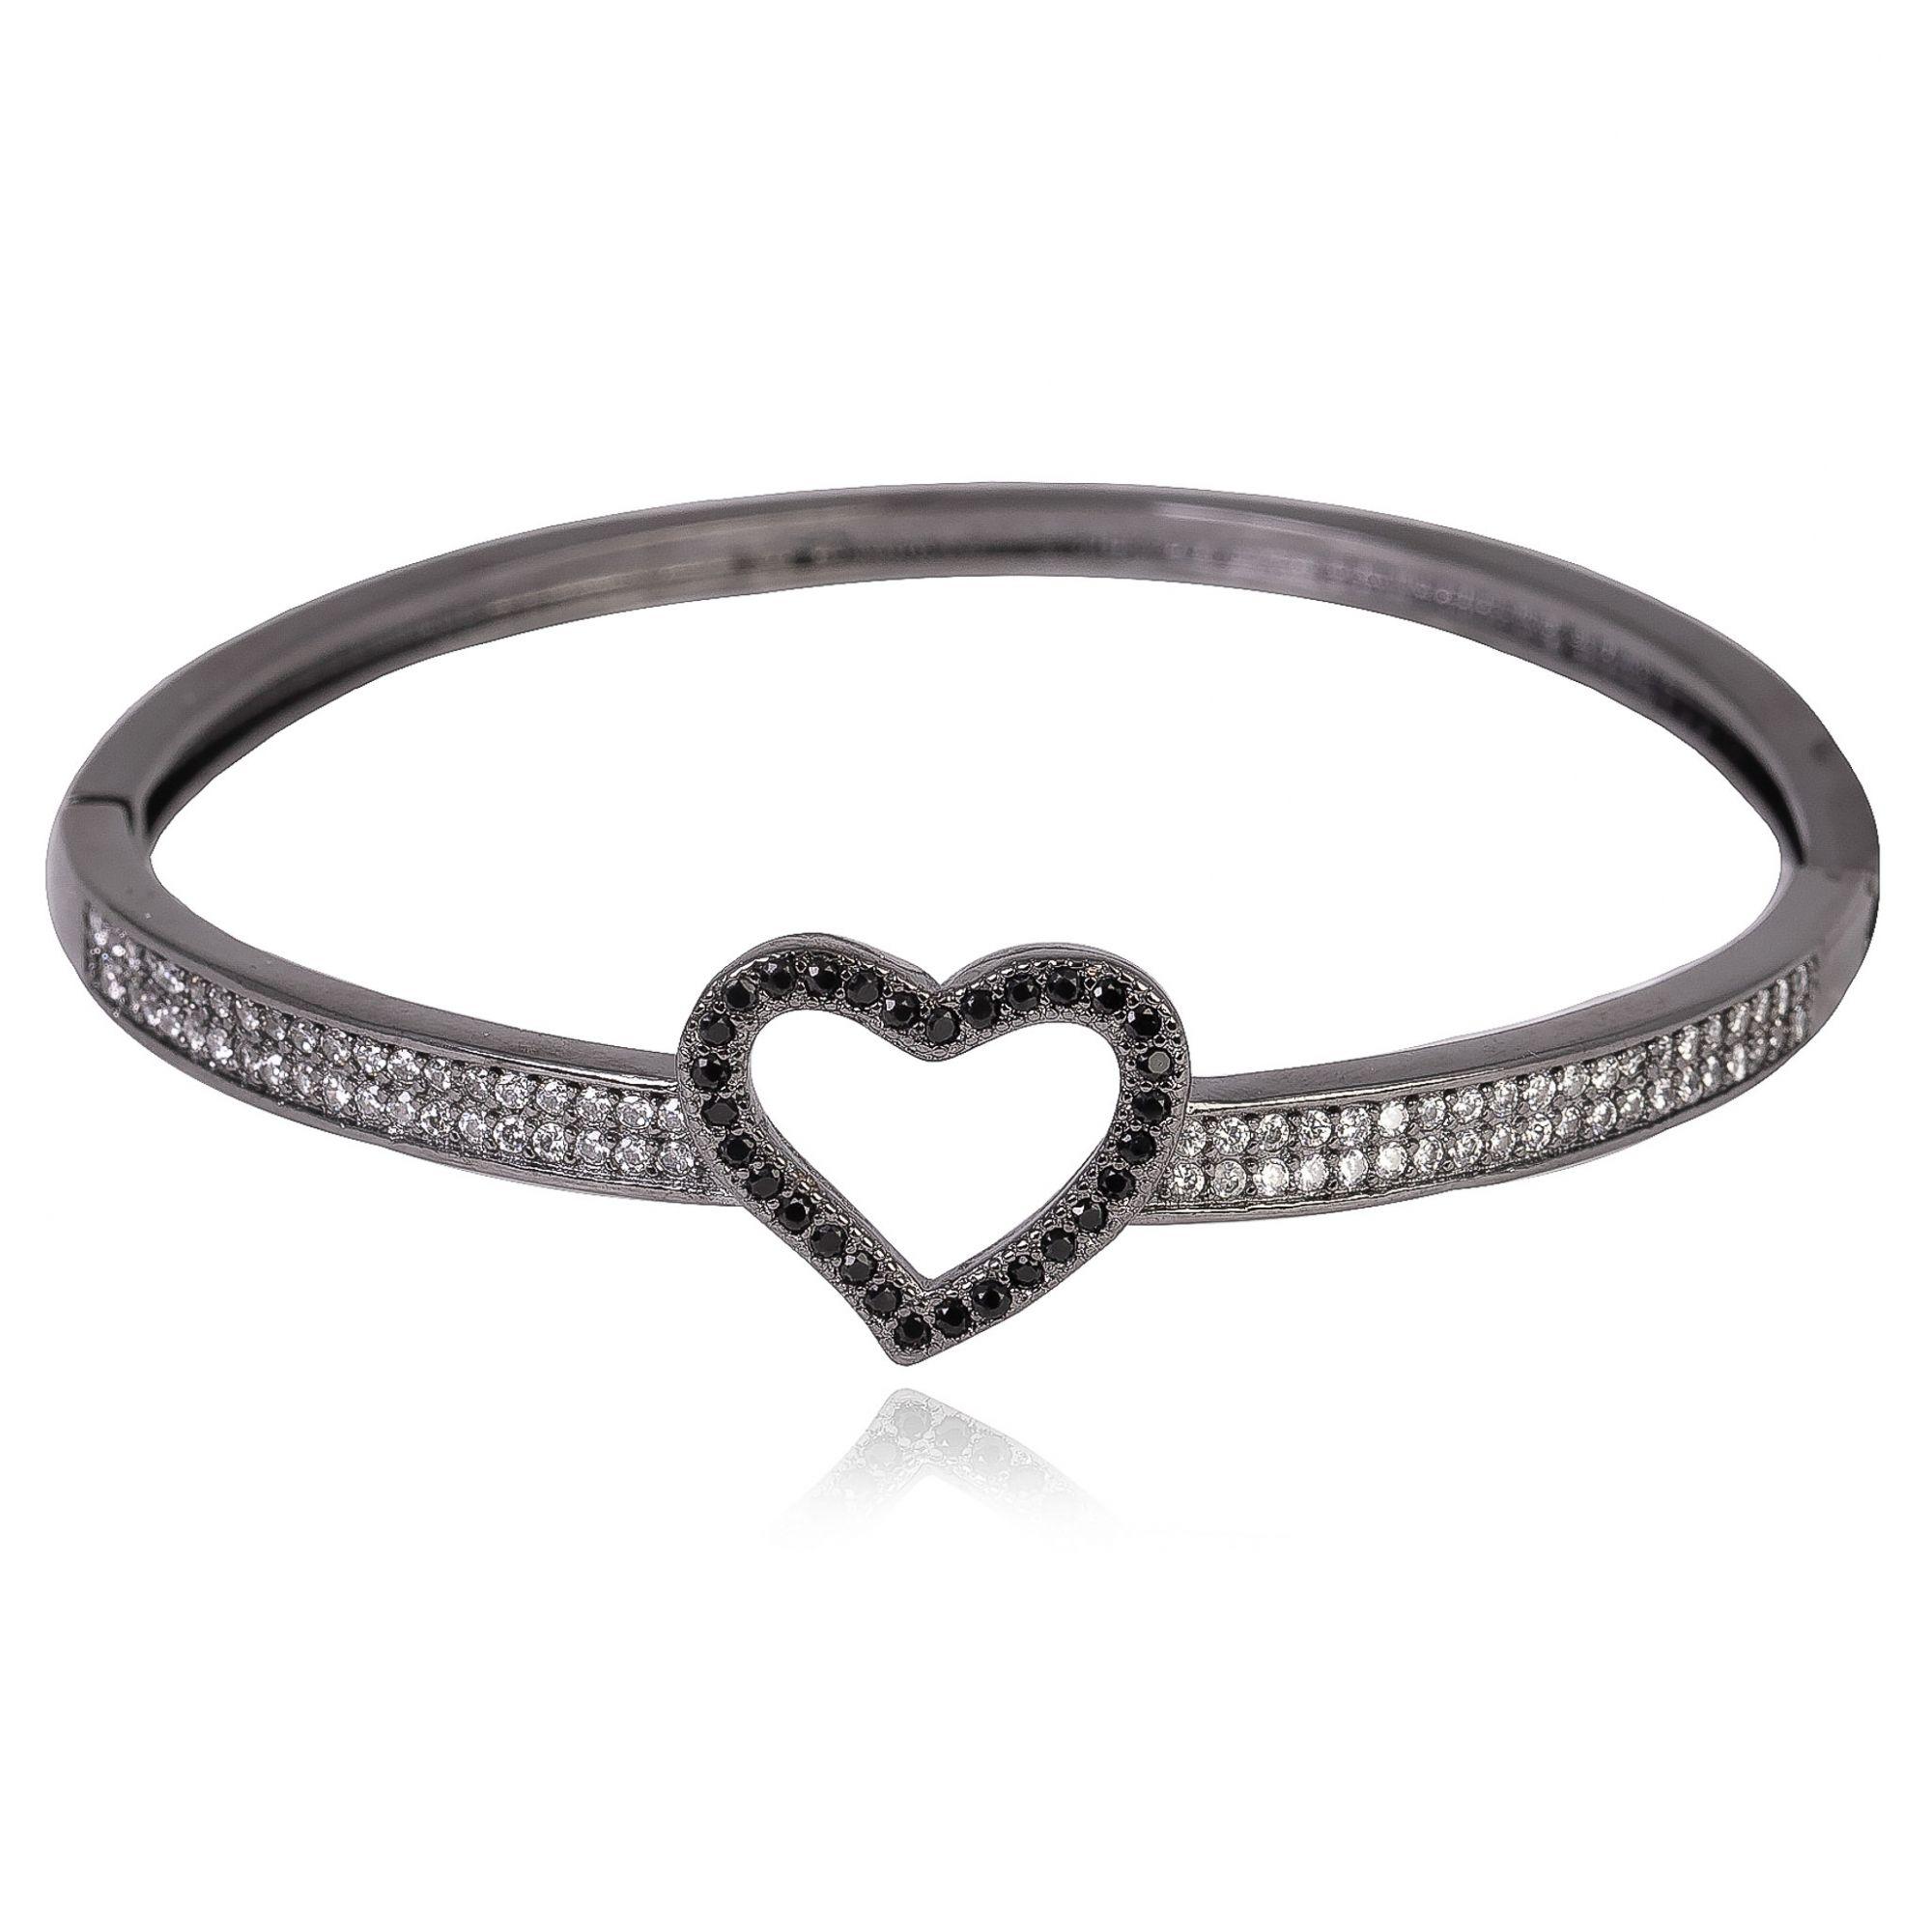 Bracelete com detalhe de coração com zircônias cristais e negras banho de grafite.  - romabrazil.com.br